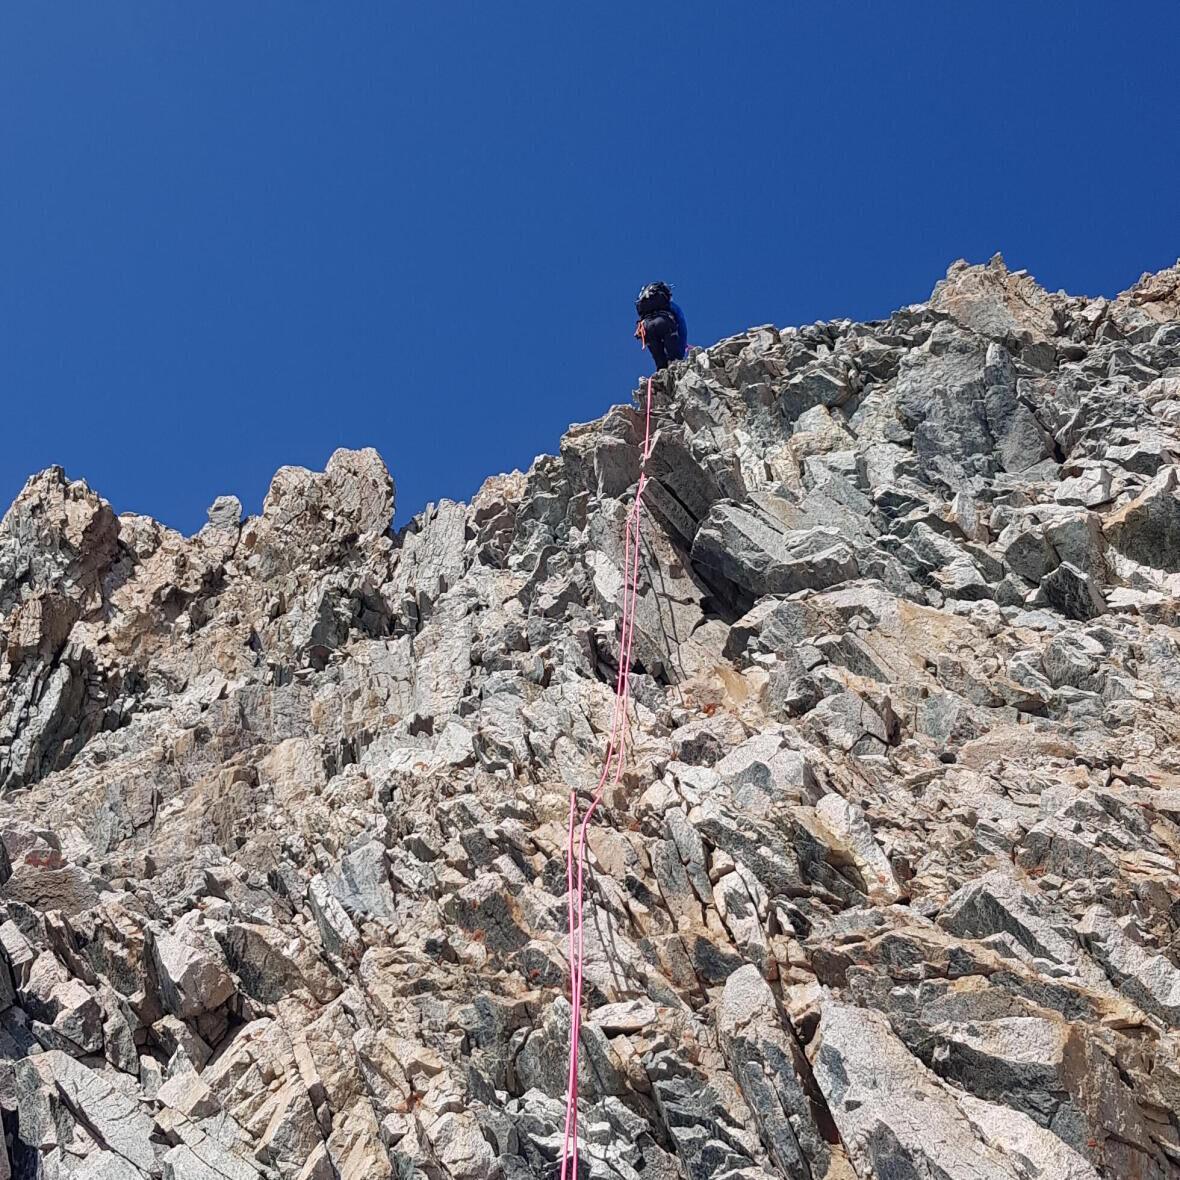 klimmen-alpinisme